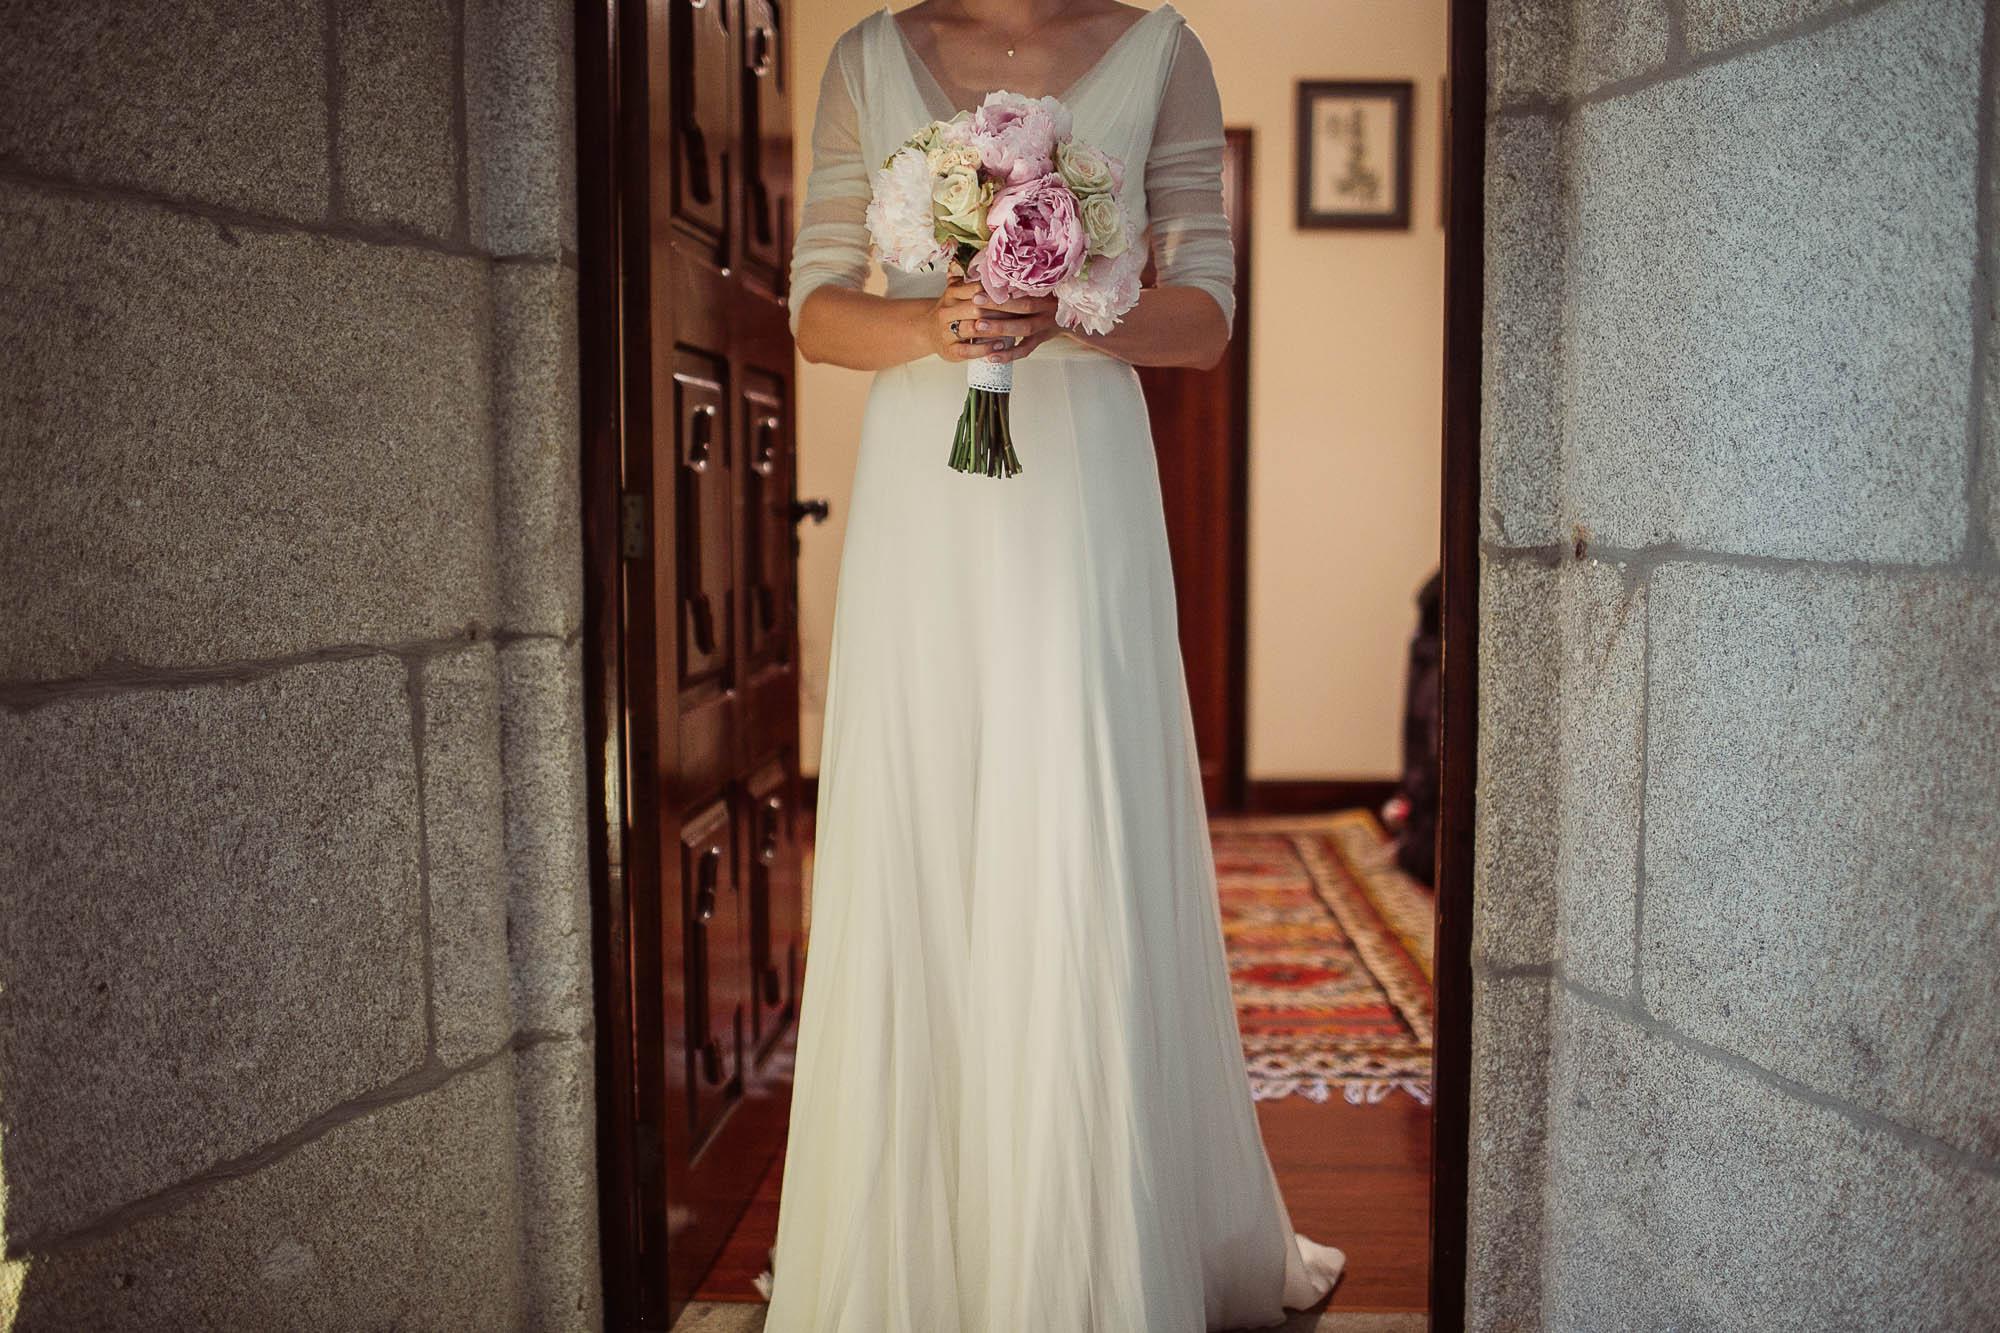 La novia sostiene el ramo de flores con las dos manos mientras sale por la puerta